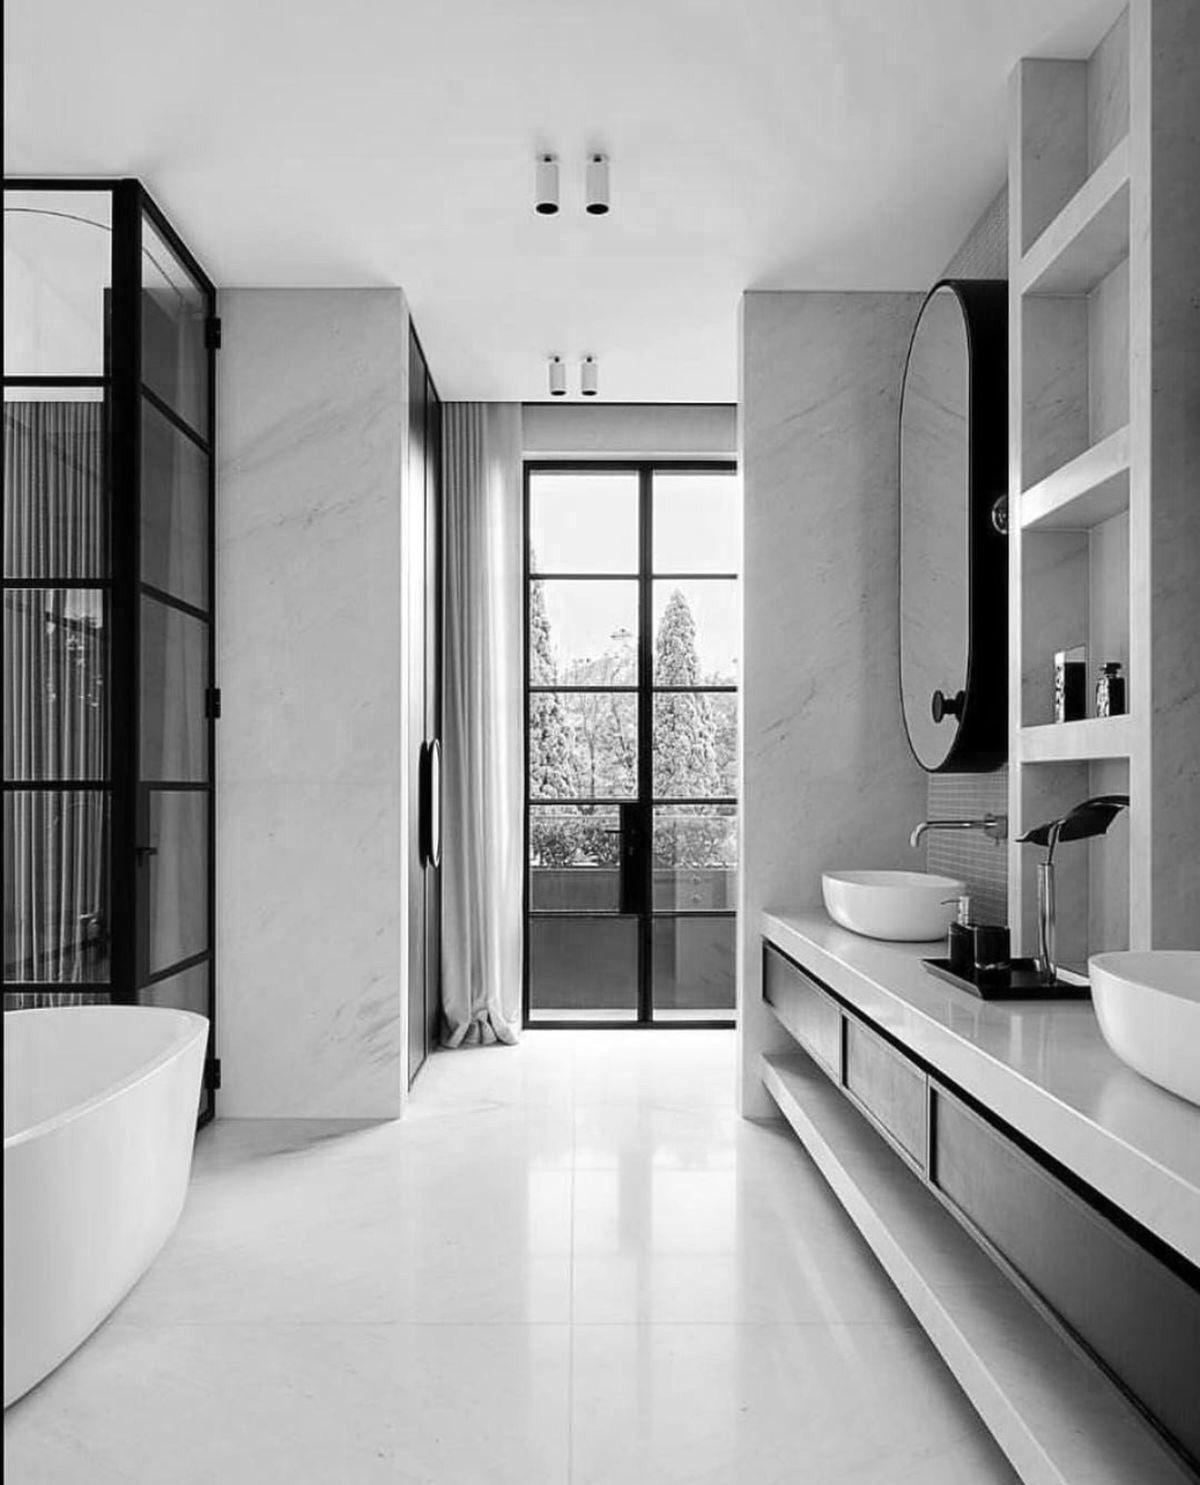 Pinterest Silveredskye Schicke Bäder Badezimmer Innenausstattung Moderne Badezimmermöbel